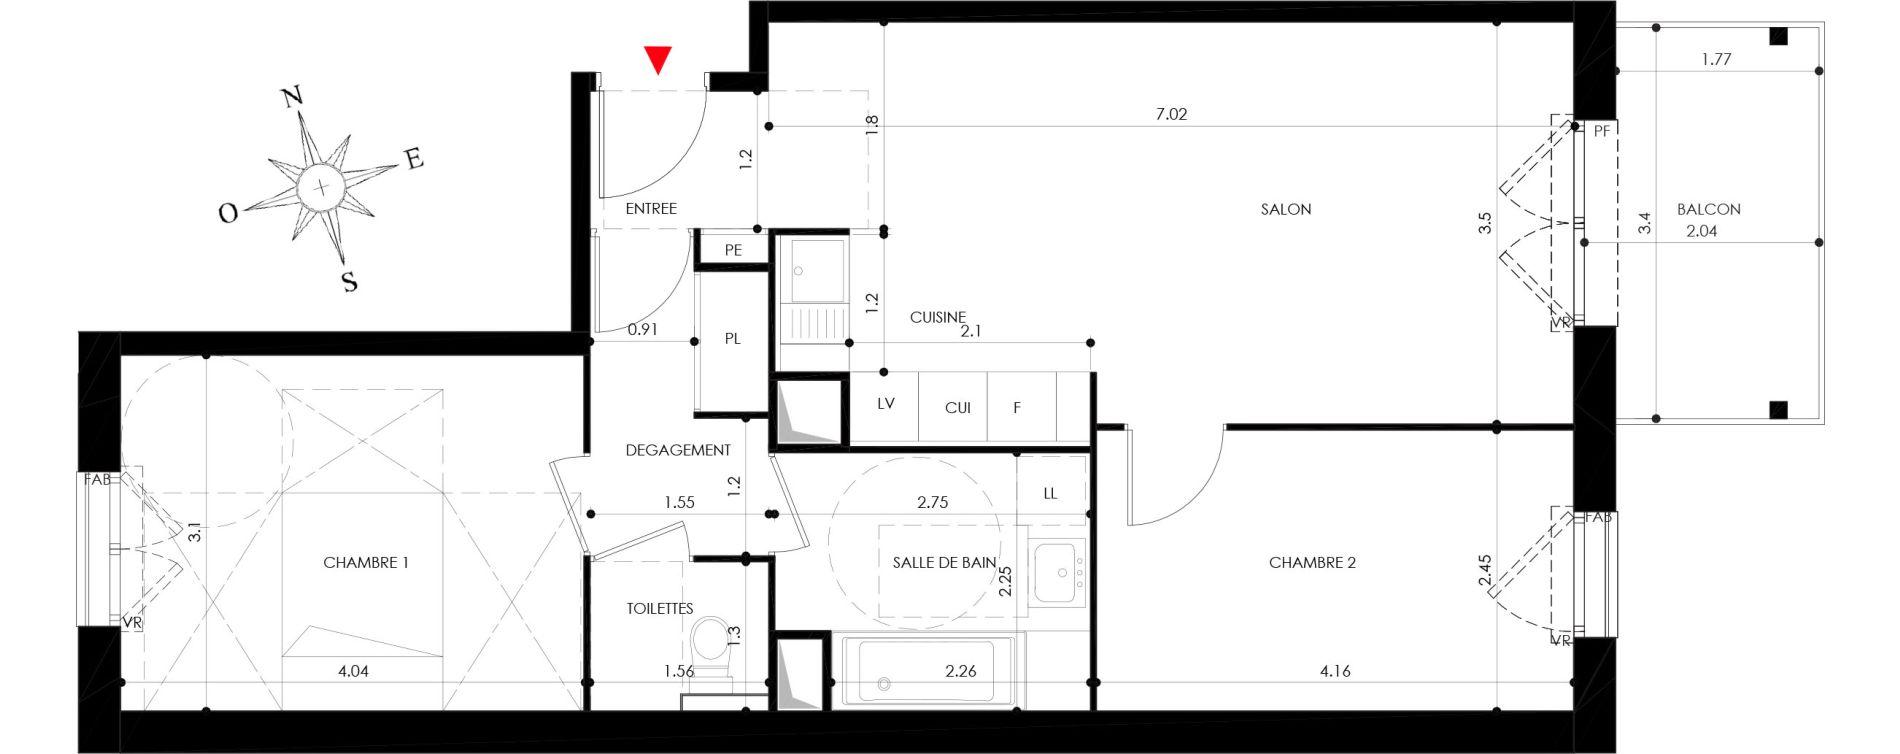 Appartement T3 de 61,00 m2 à Nancy Grand coeur